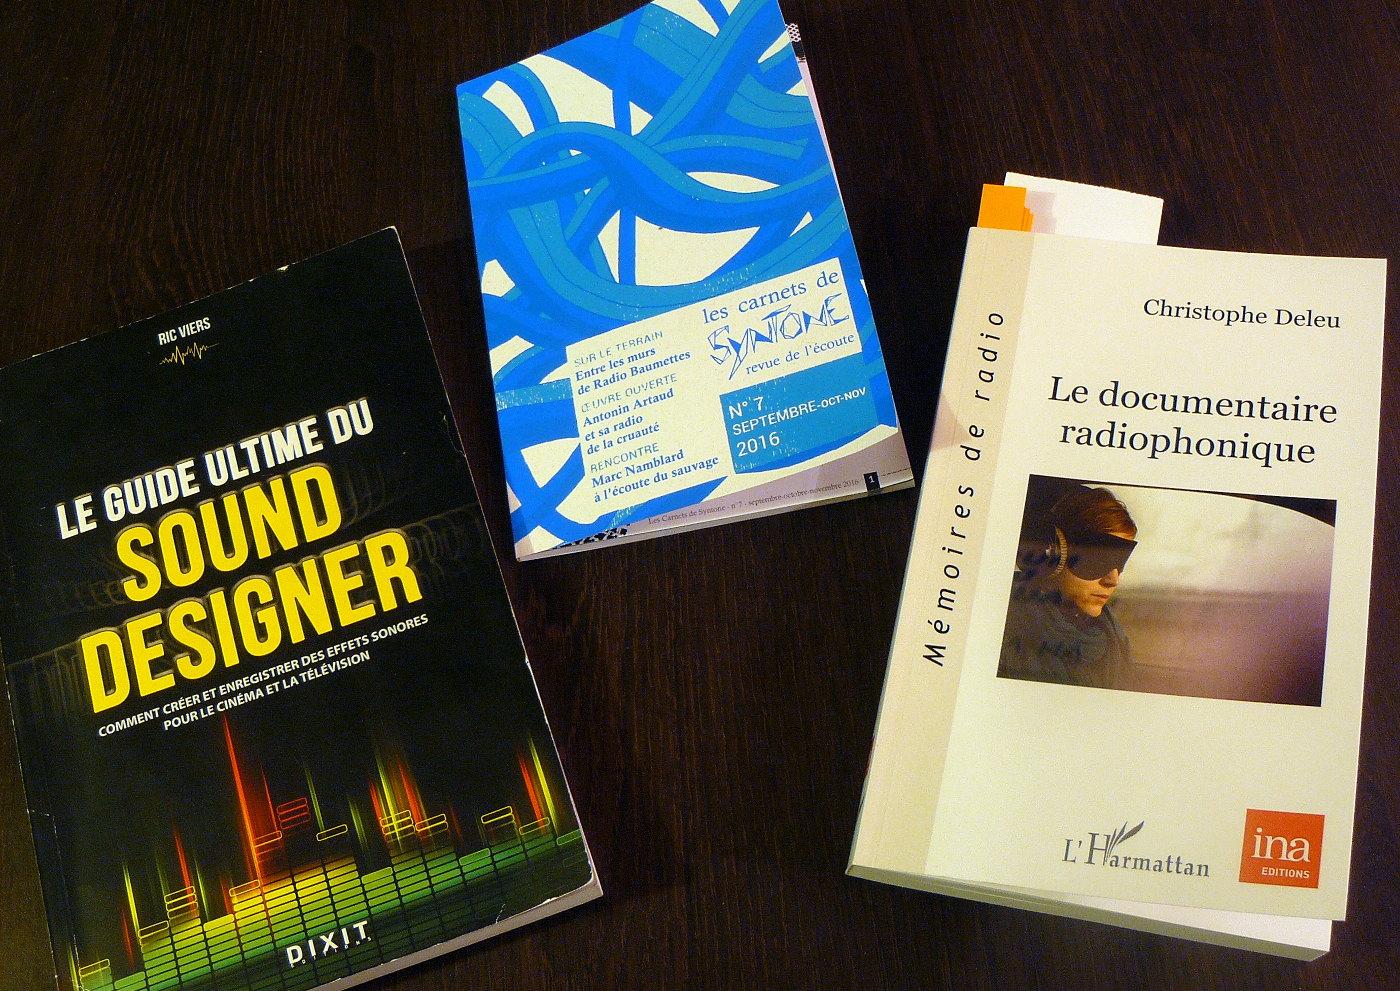 Création sonore: continuons à lire